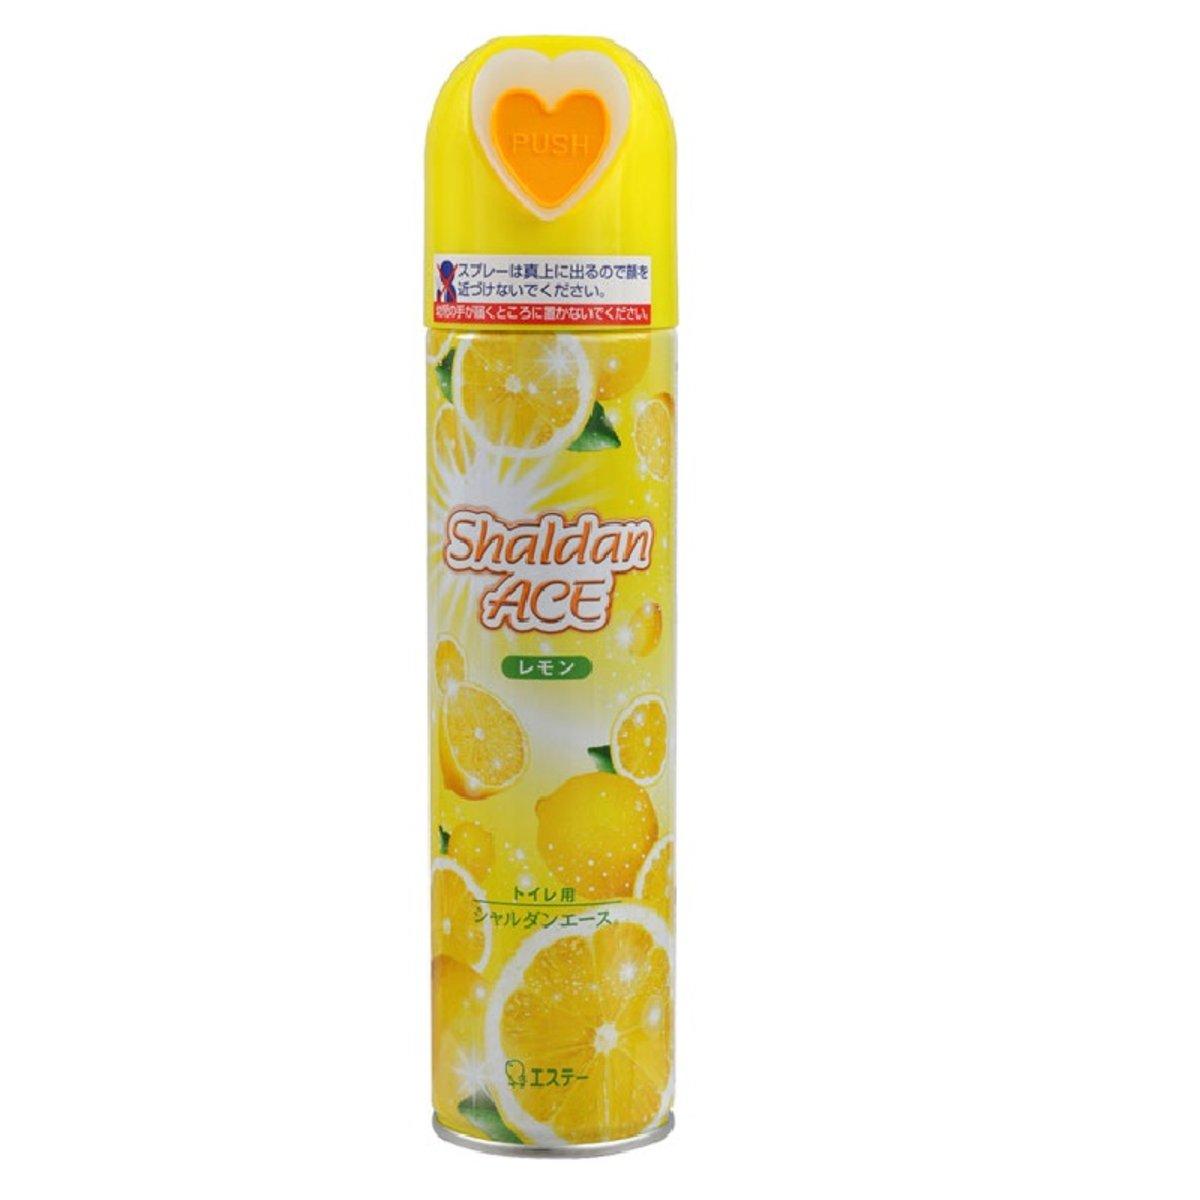 Shaldan Ace ♥愛心♥廁所噴霧(黃) #檸檬 230ml